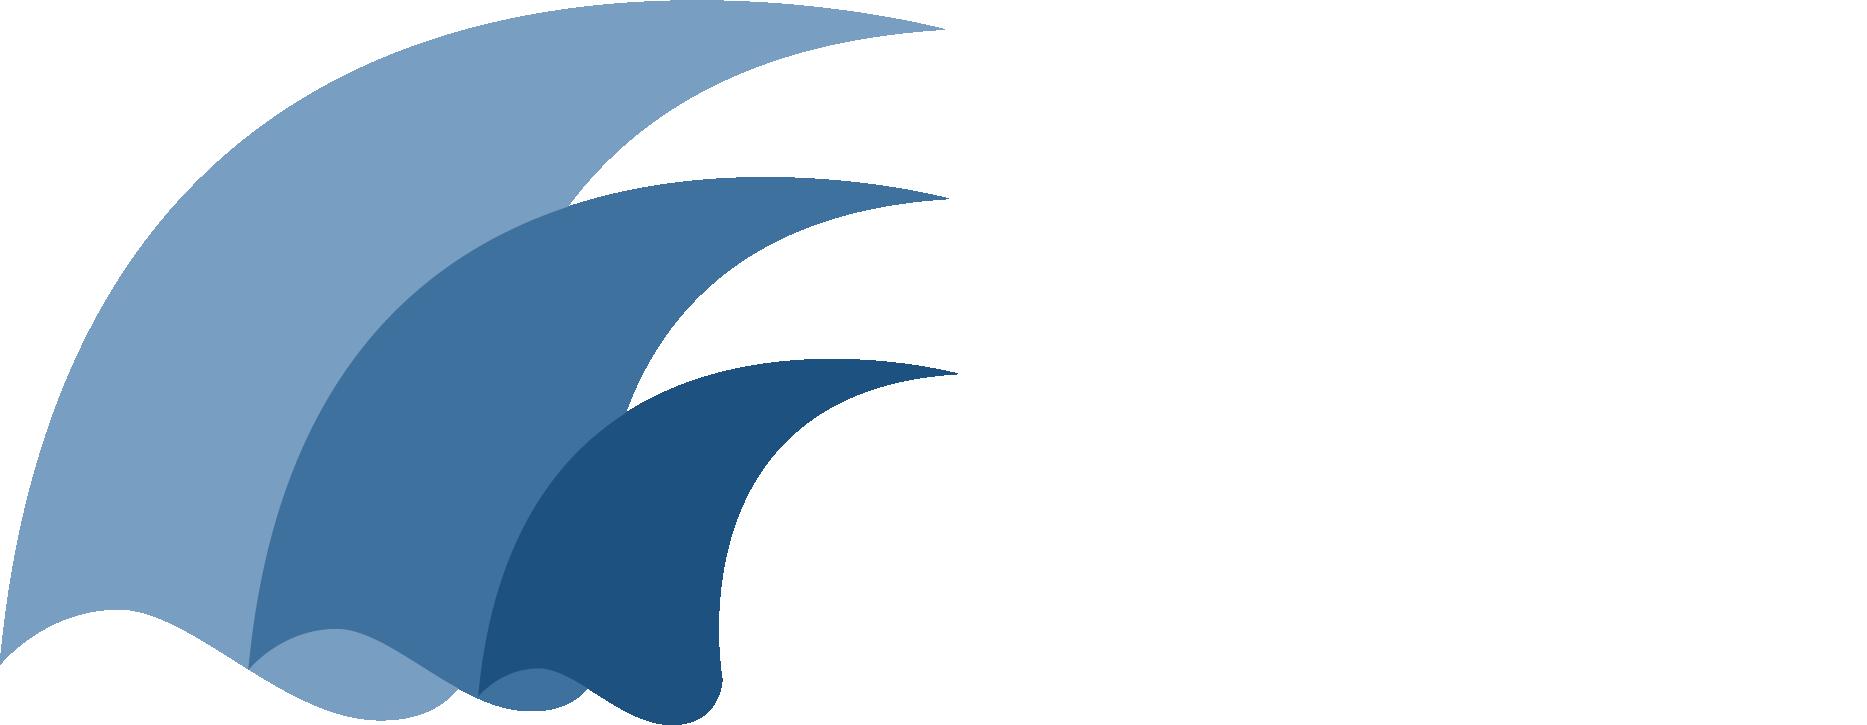 the ocean broker